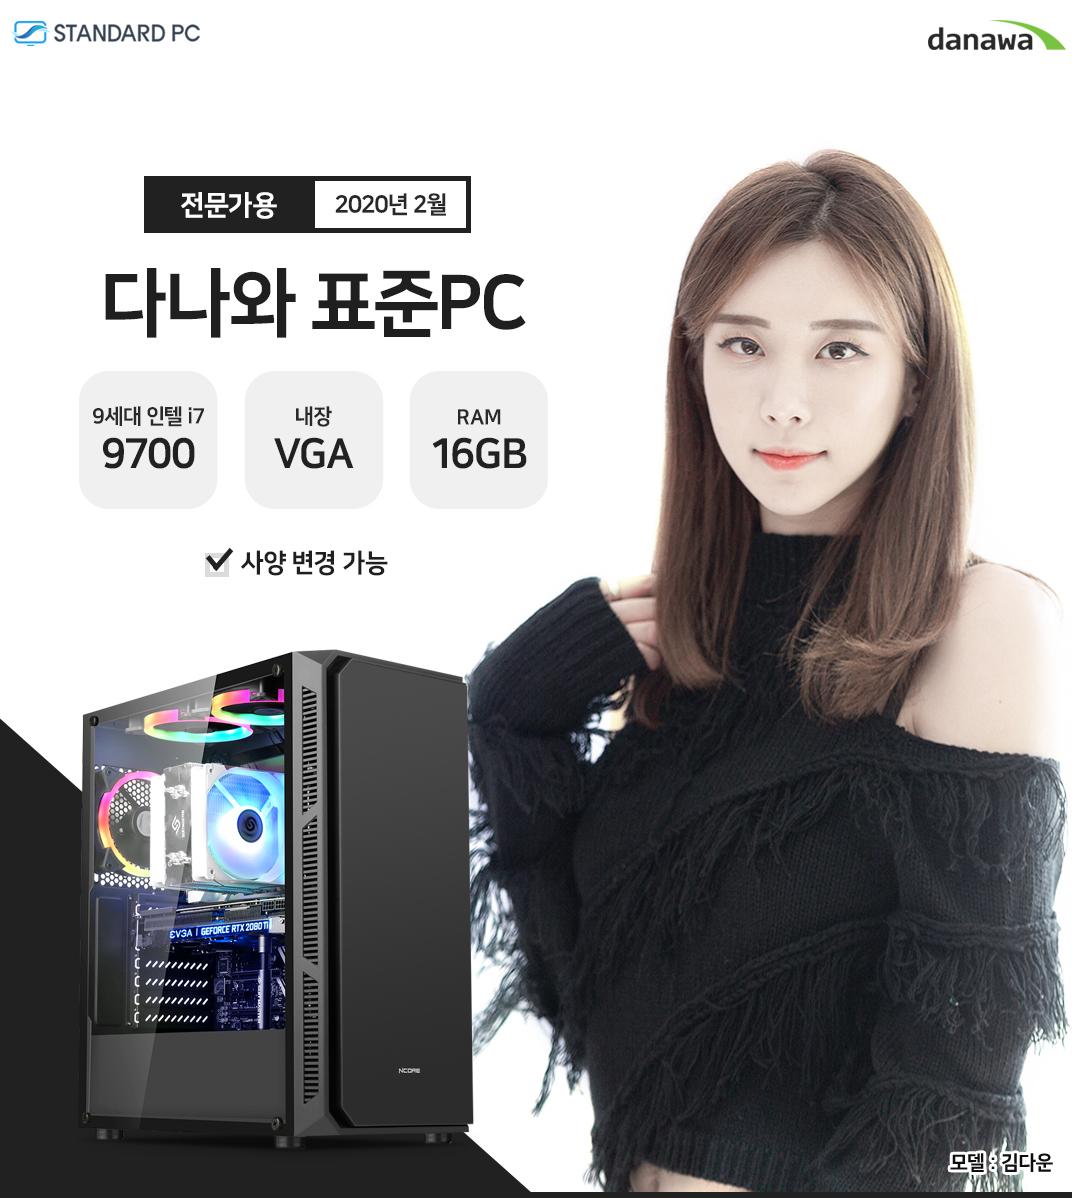 2020년 02월 다나와 표준PC 프로그래밍용 인텔 코어i7-9세대 9700 내장 VGA RAM 16G 모델 송주아